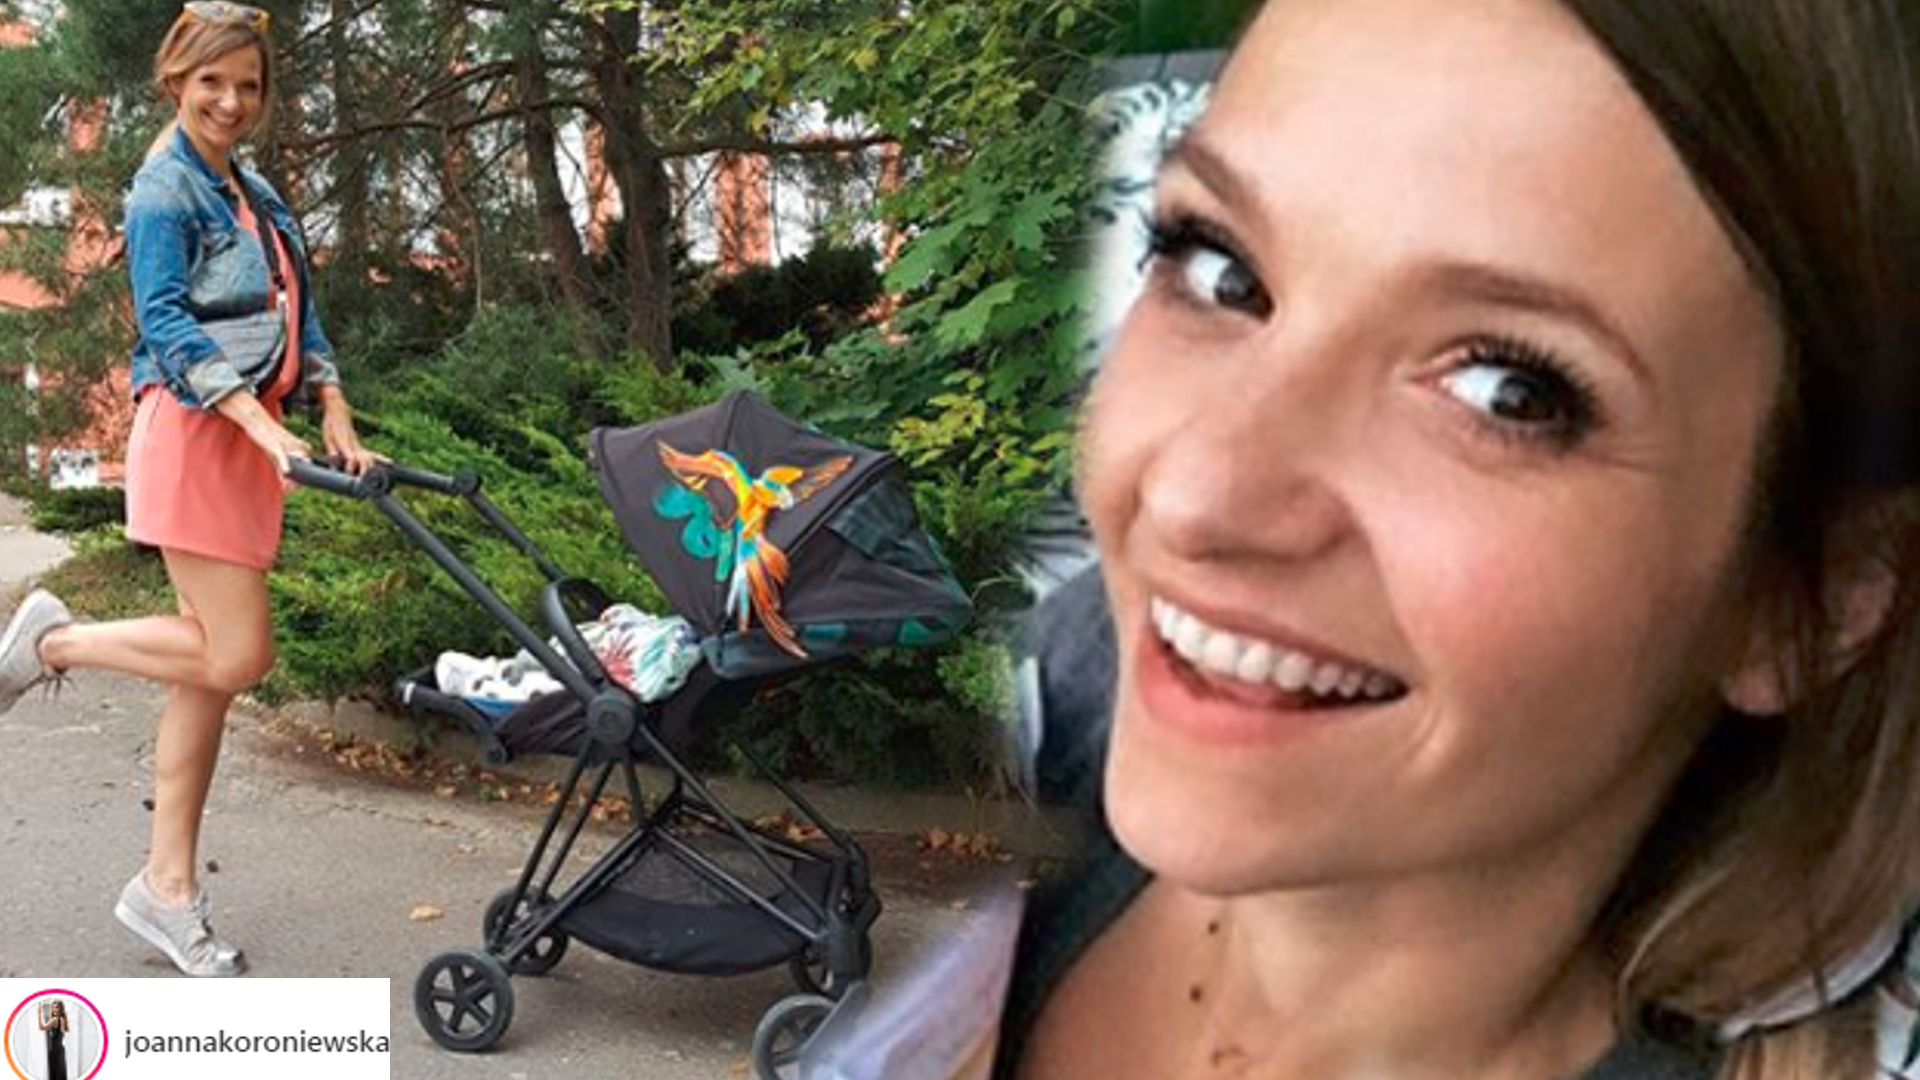 Koroniewska NARZEKA na trudy macierzyństwa: Co będzie, jak zacznie chodzić?!